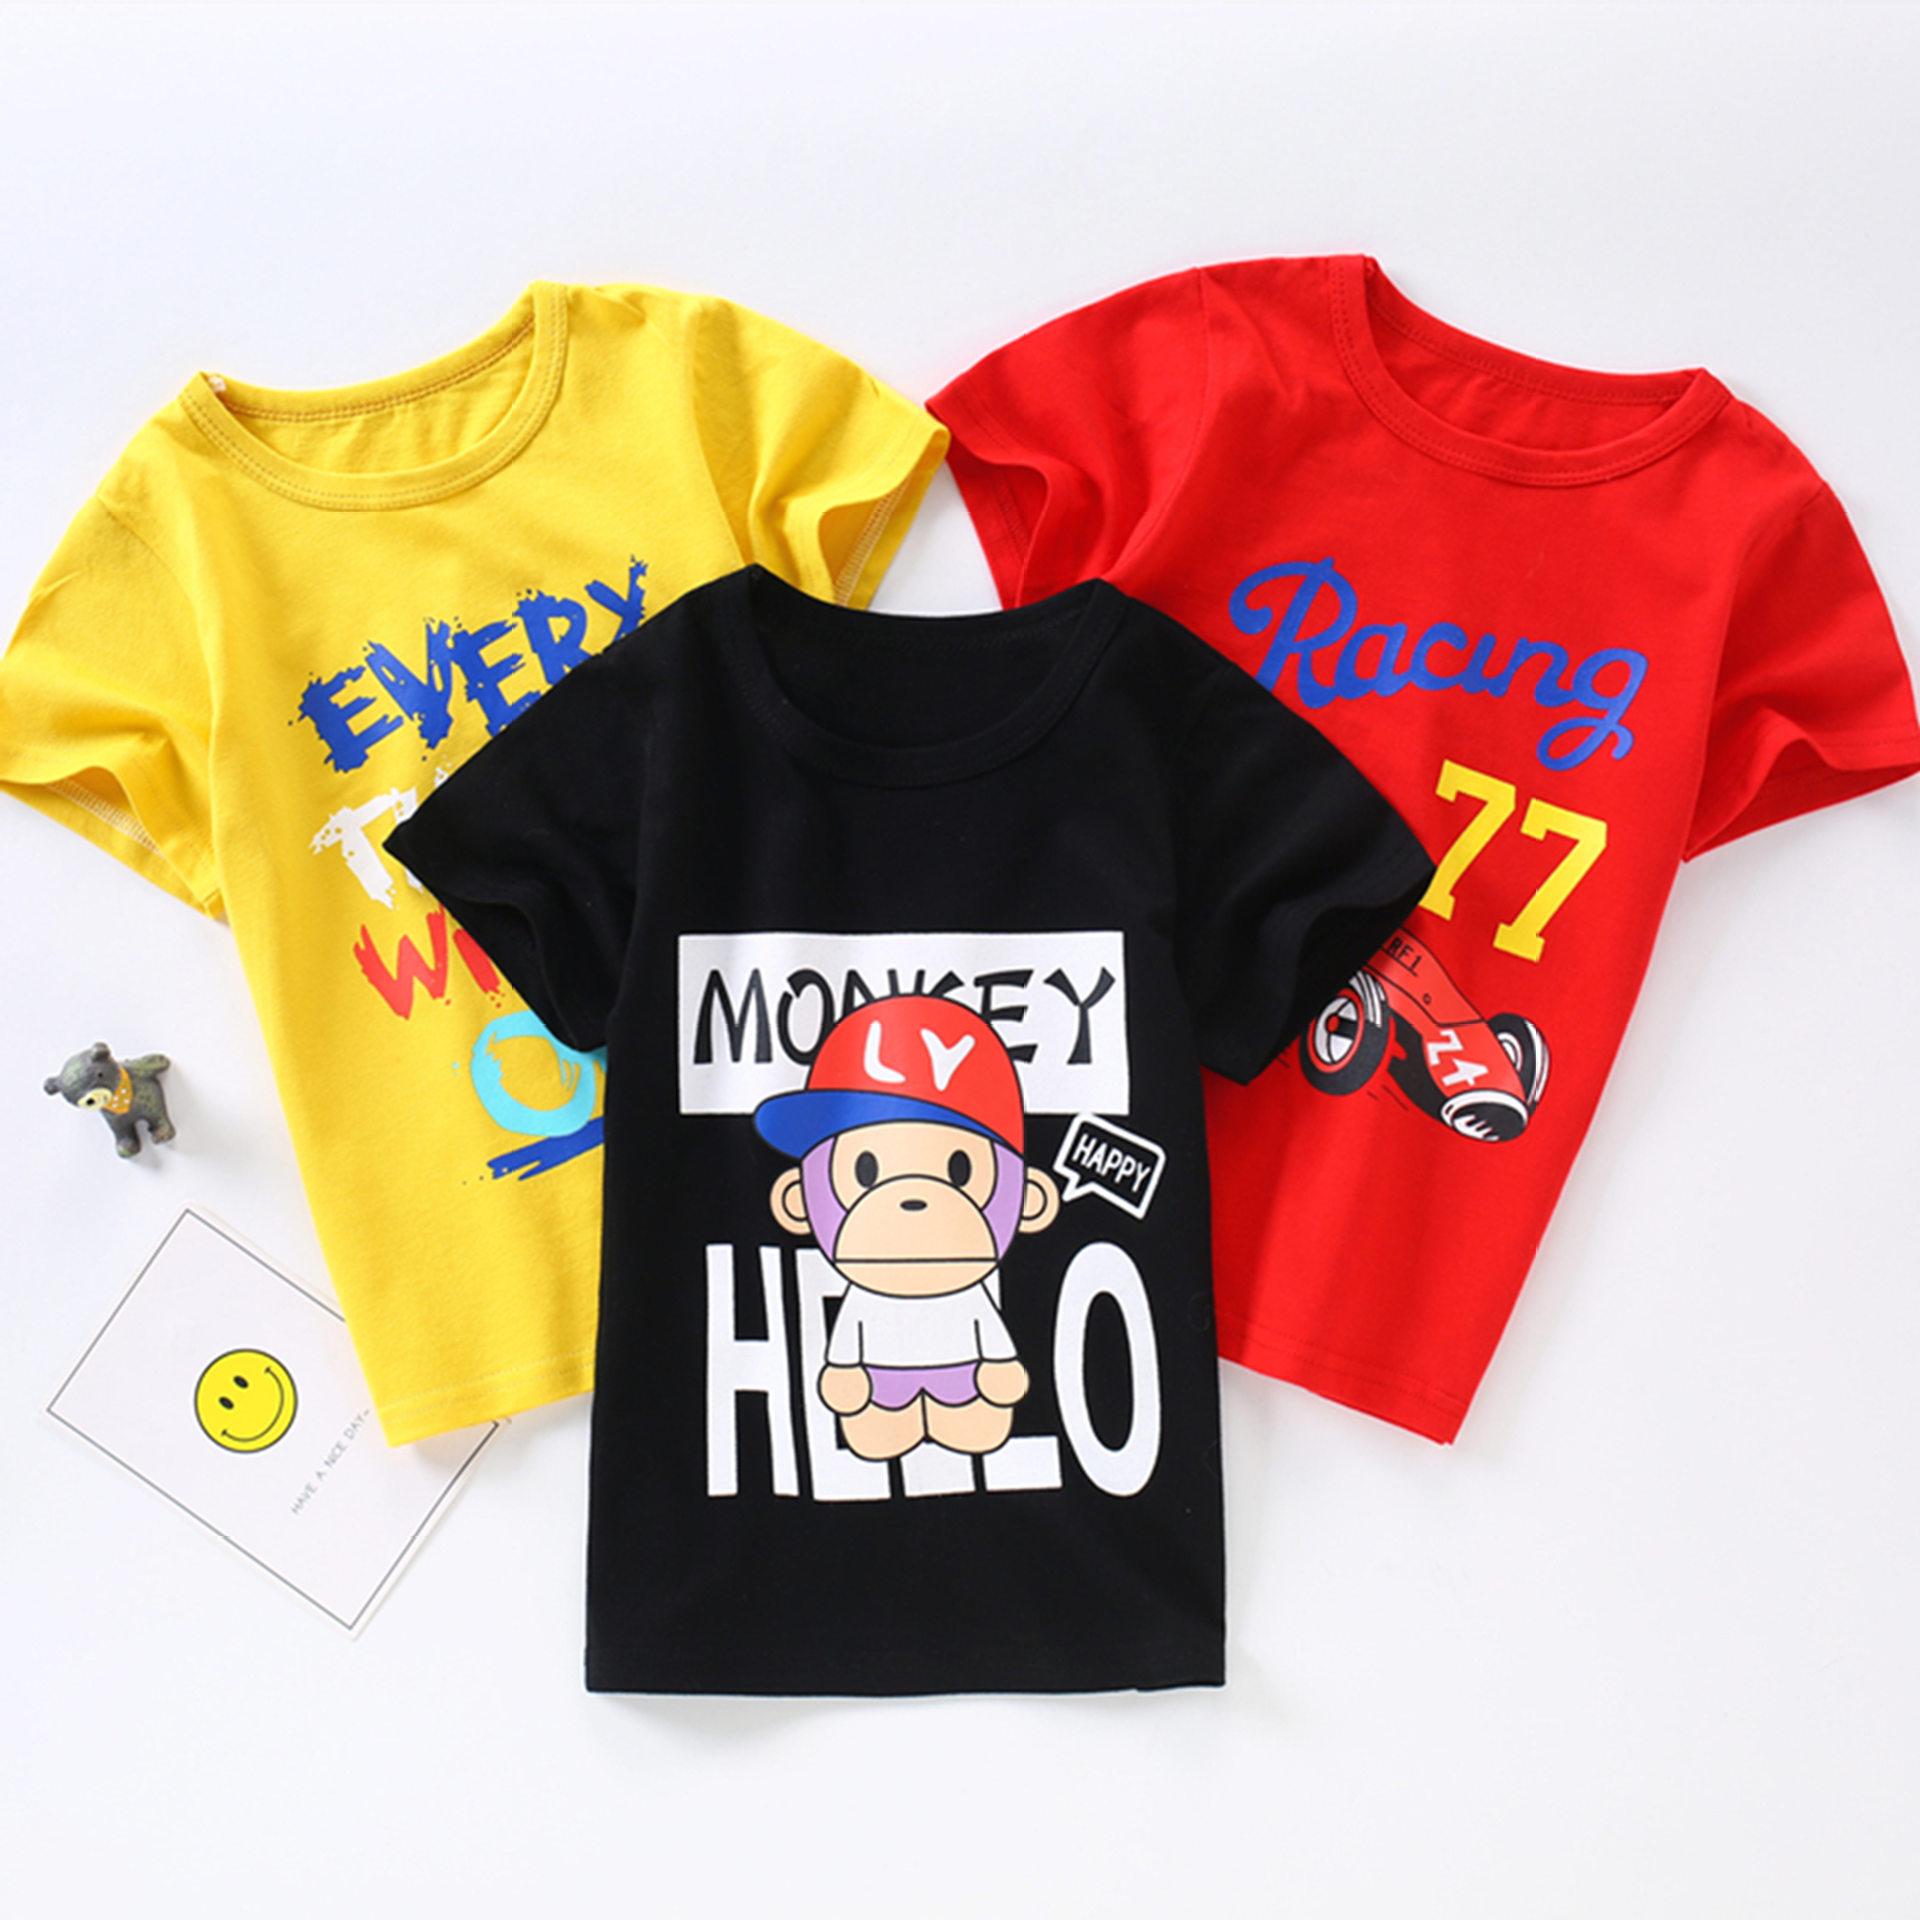 MIXIAOXI Phong cách Hàn Quốc 2019 quần áo trẻ em mùa hè trẻ em áo thun cotton nam và nữ mùa hè áo sơ